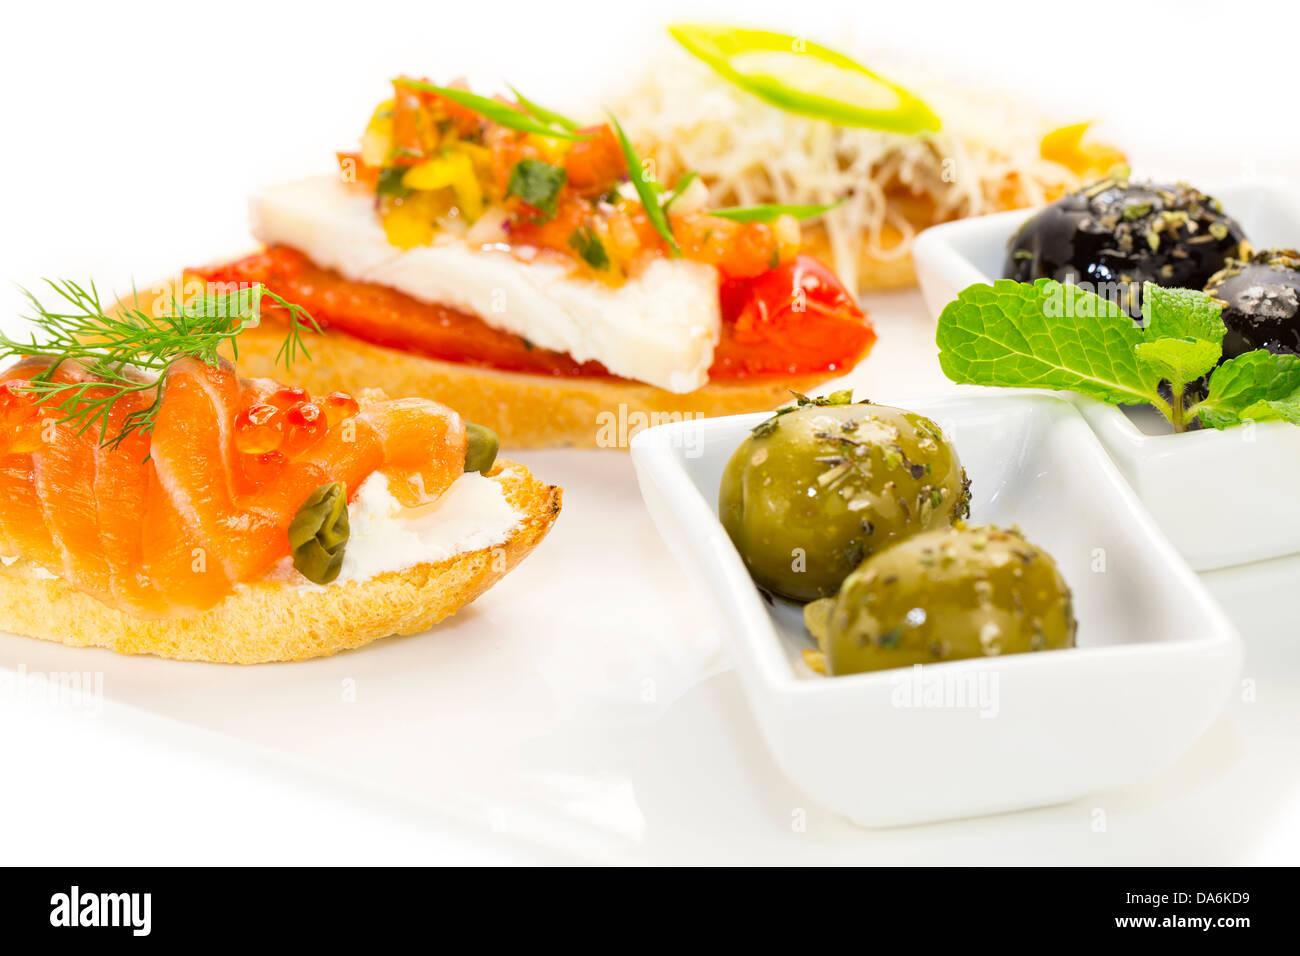 Sándwiches española mariscos al vino y queso, verduras Imagen De Stock